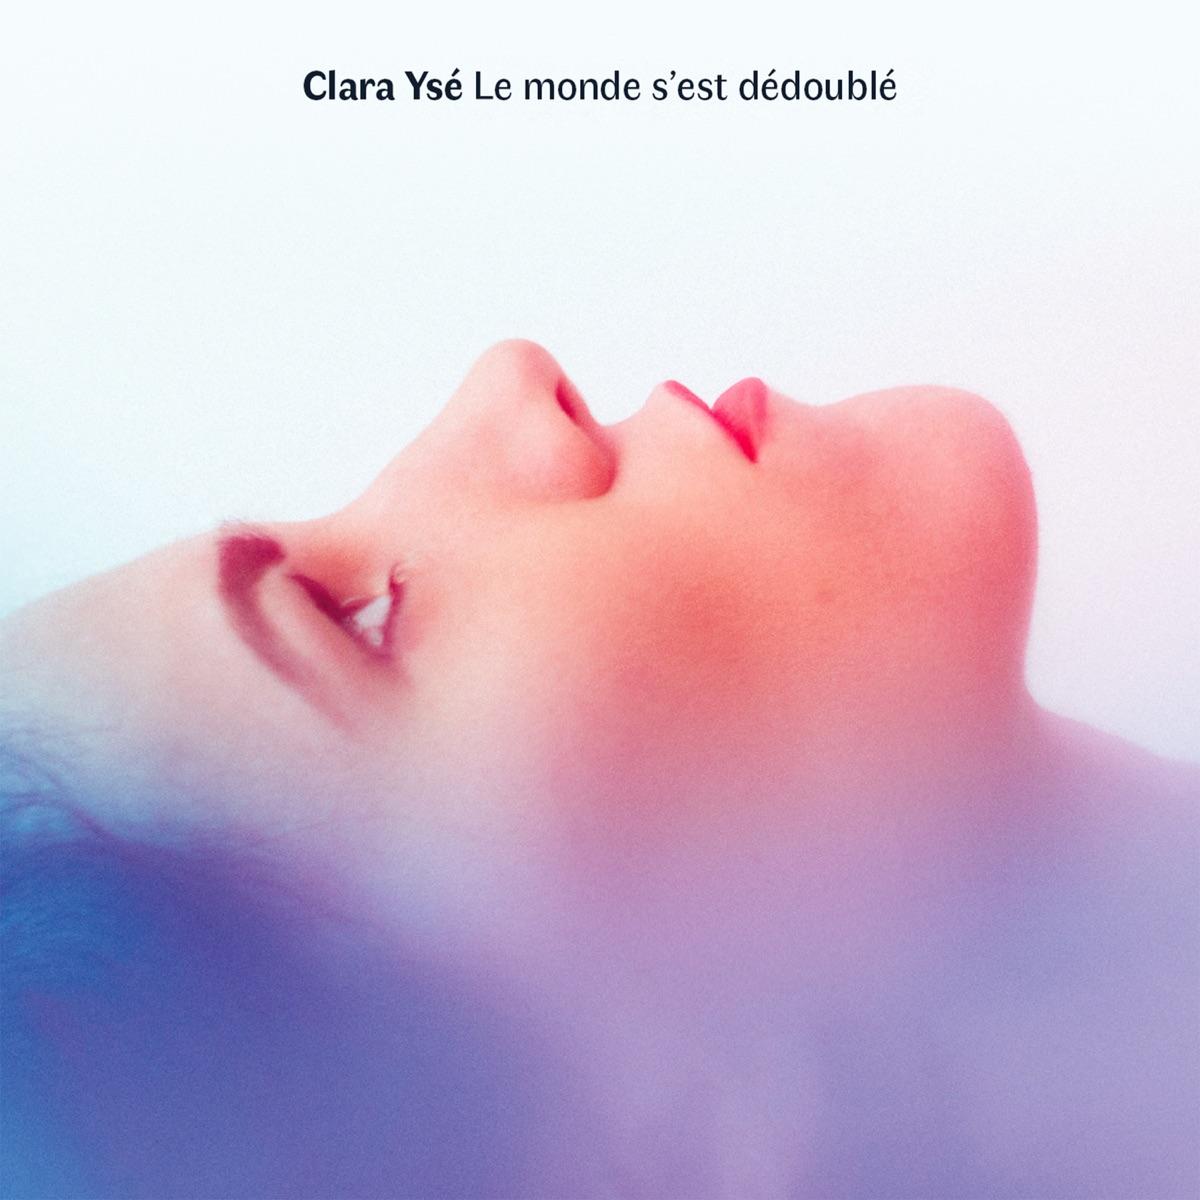 Clara Yse - Le monde s'est dedouble